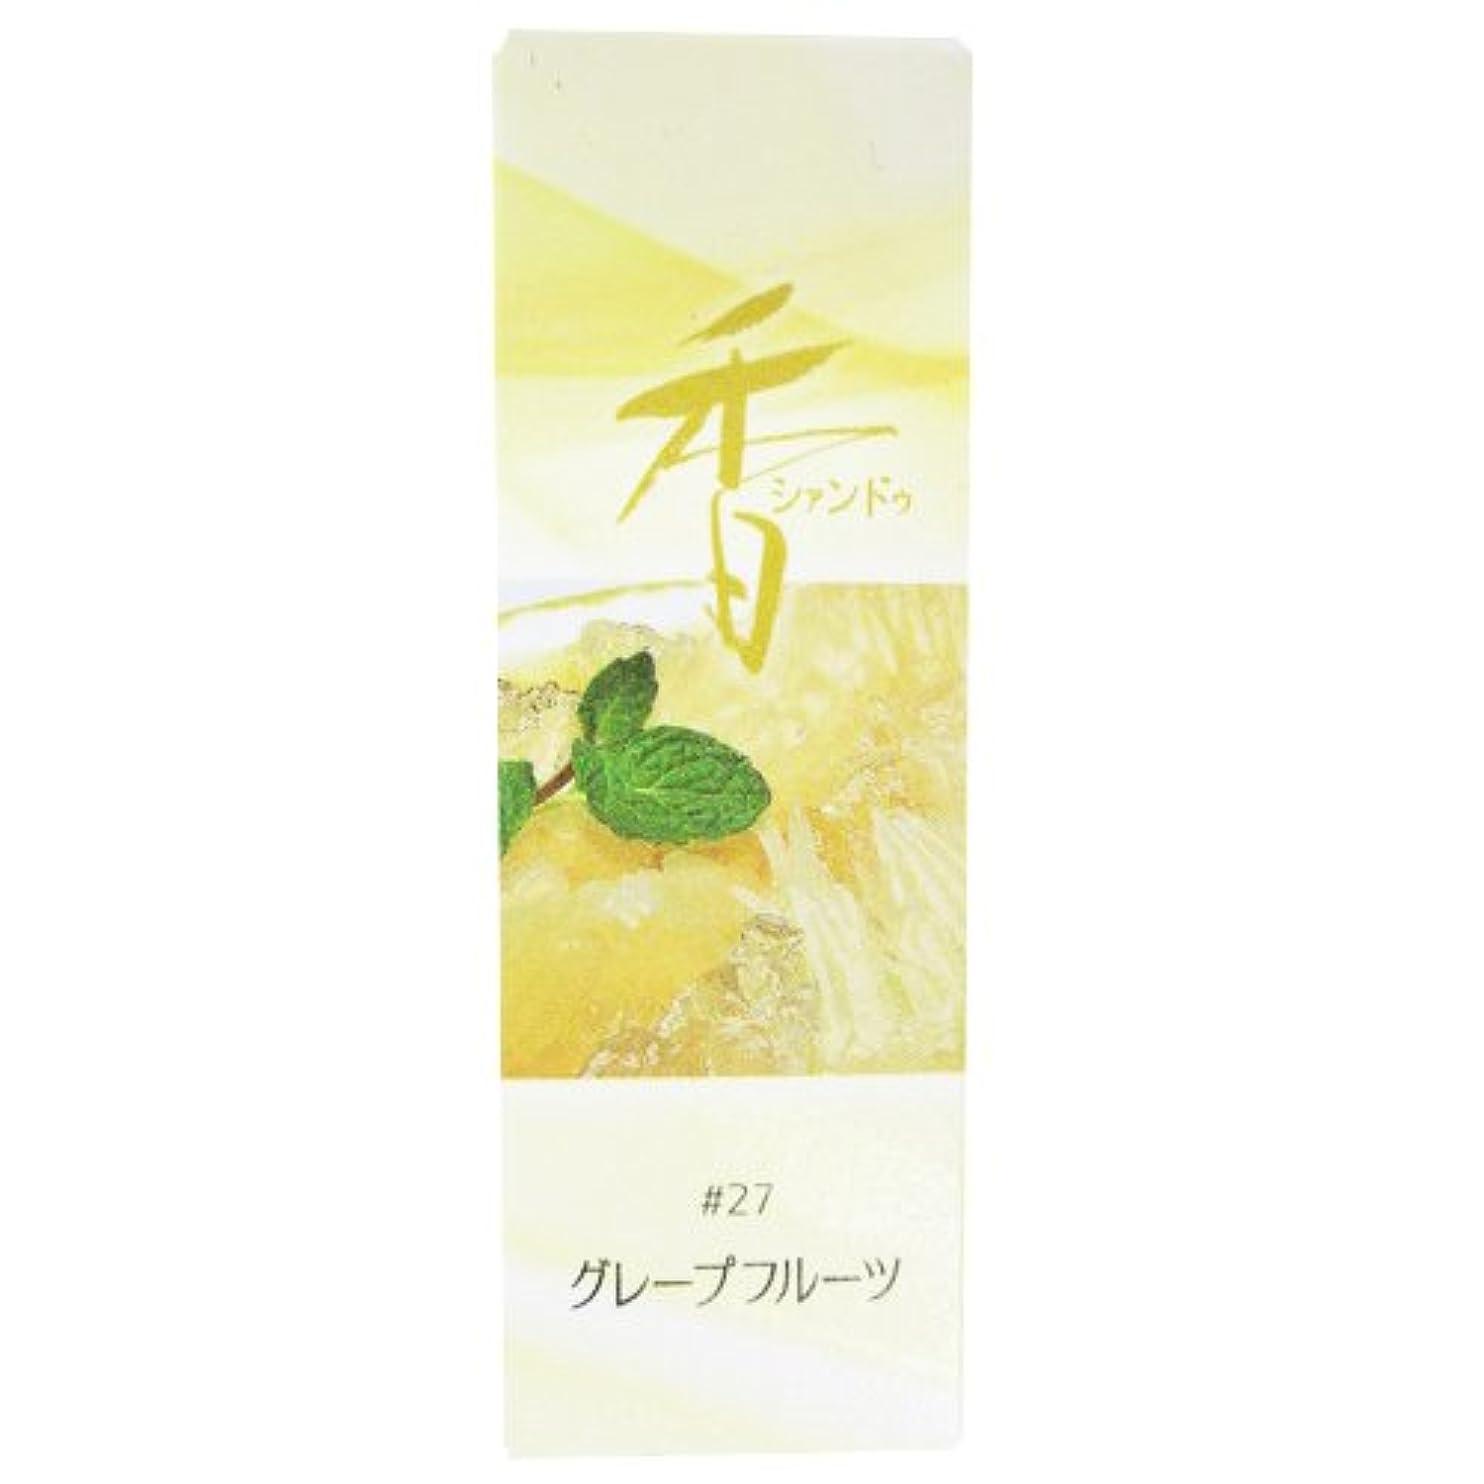 個性タイプ松栄堂のお香 Xiang Do(シャンドゥ) グレープフルーツ ST20本入 簡易香立付 #214227